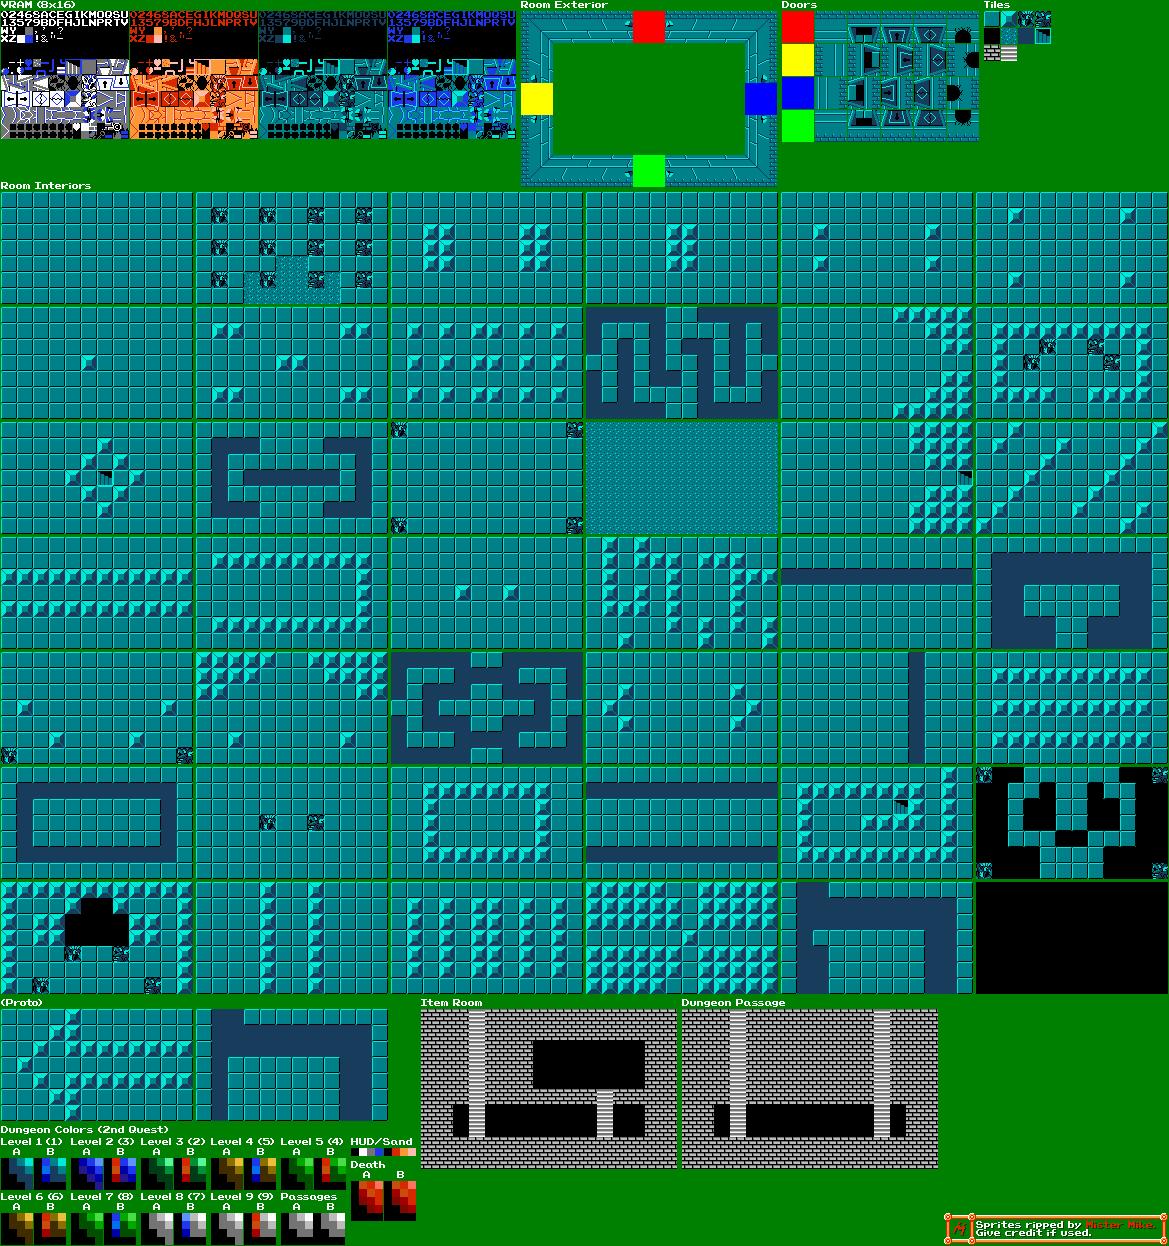 NES - The Legend of Zelda - Dungeon Tileset - The Spriters Resource